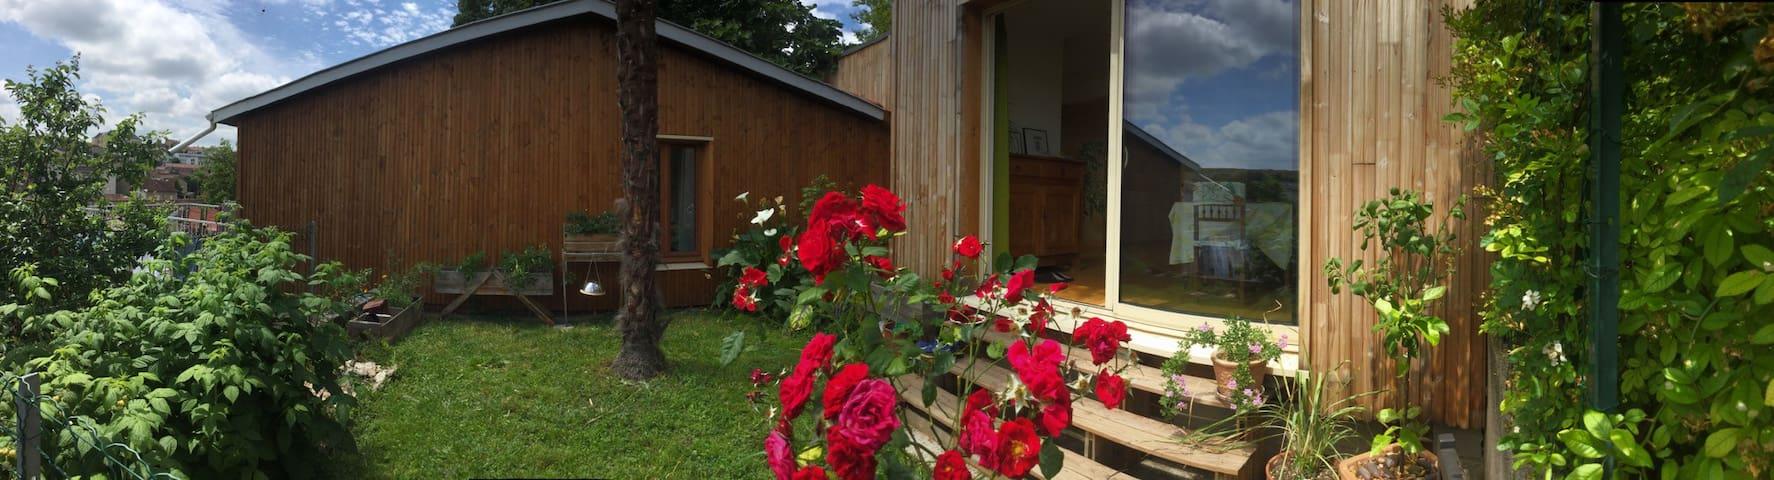 Maison individuelle avec jardin - Auch